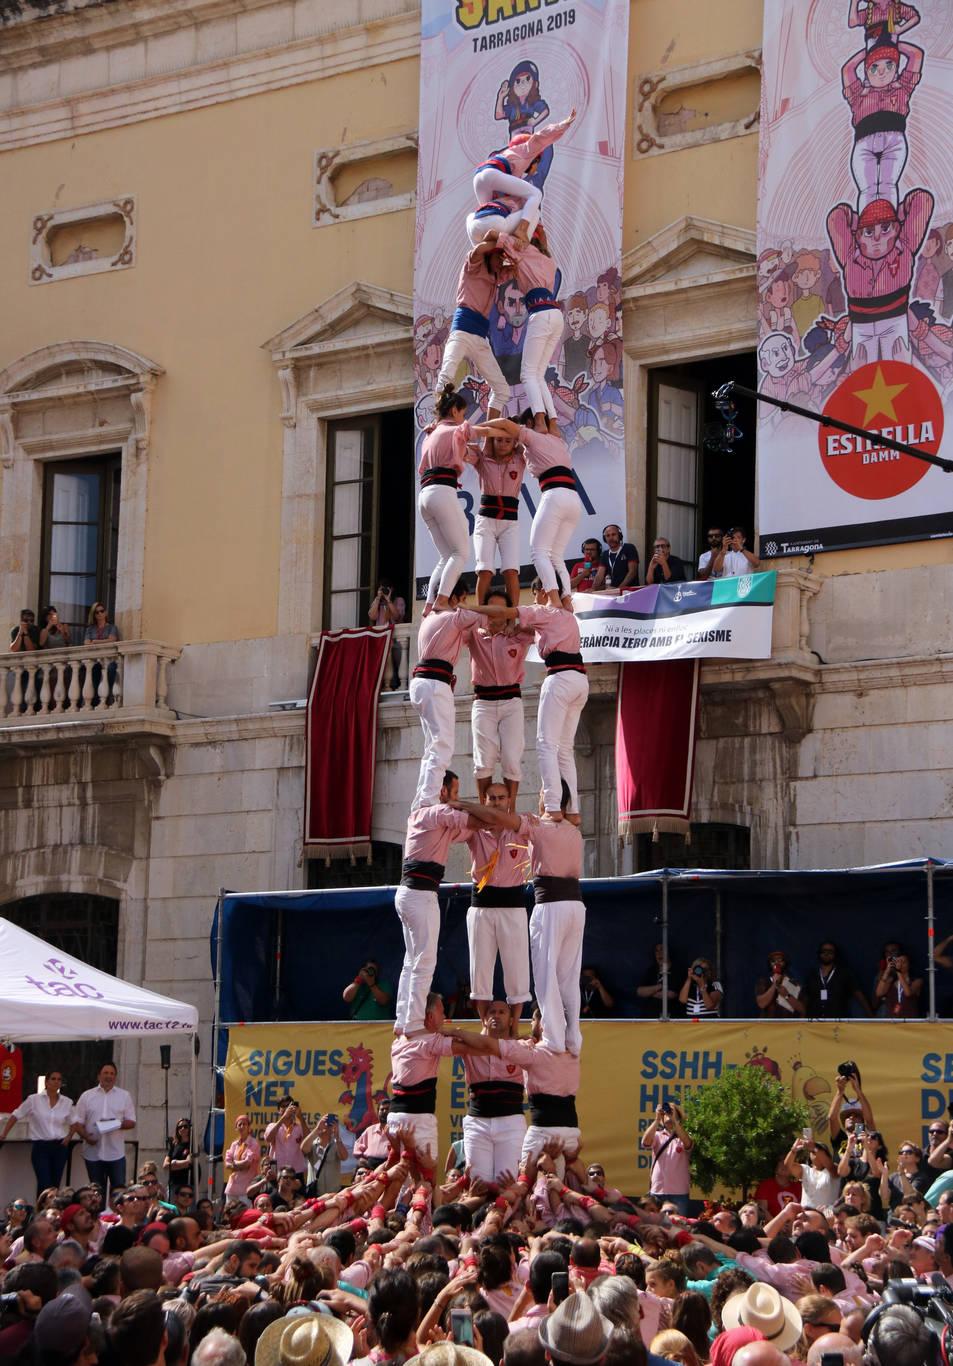 El 3d8 descarregat pels Xiquets de Tarragona.